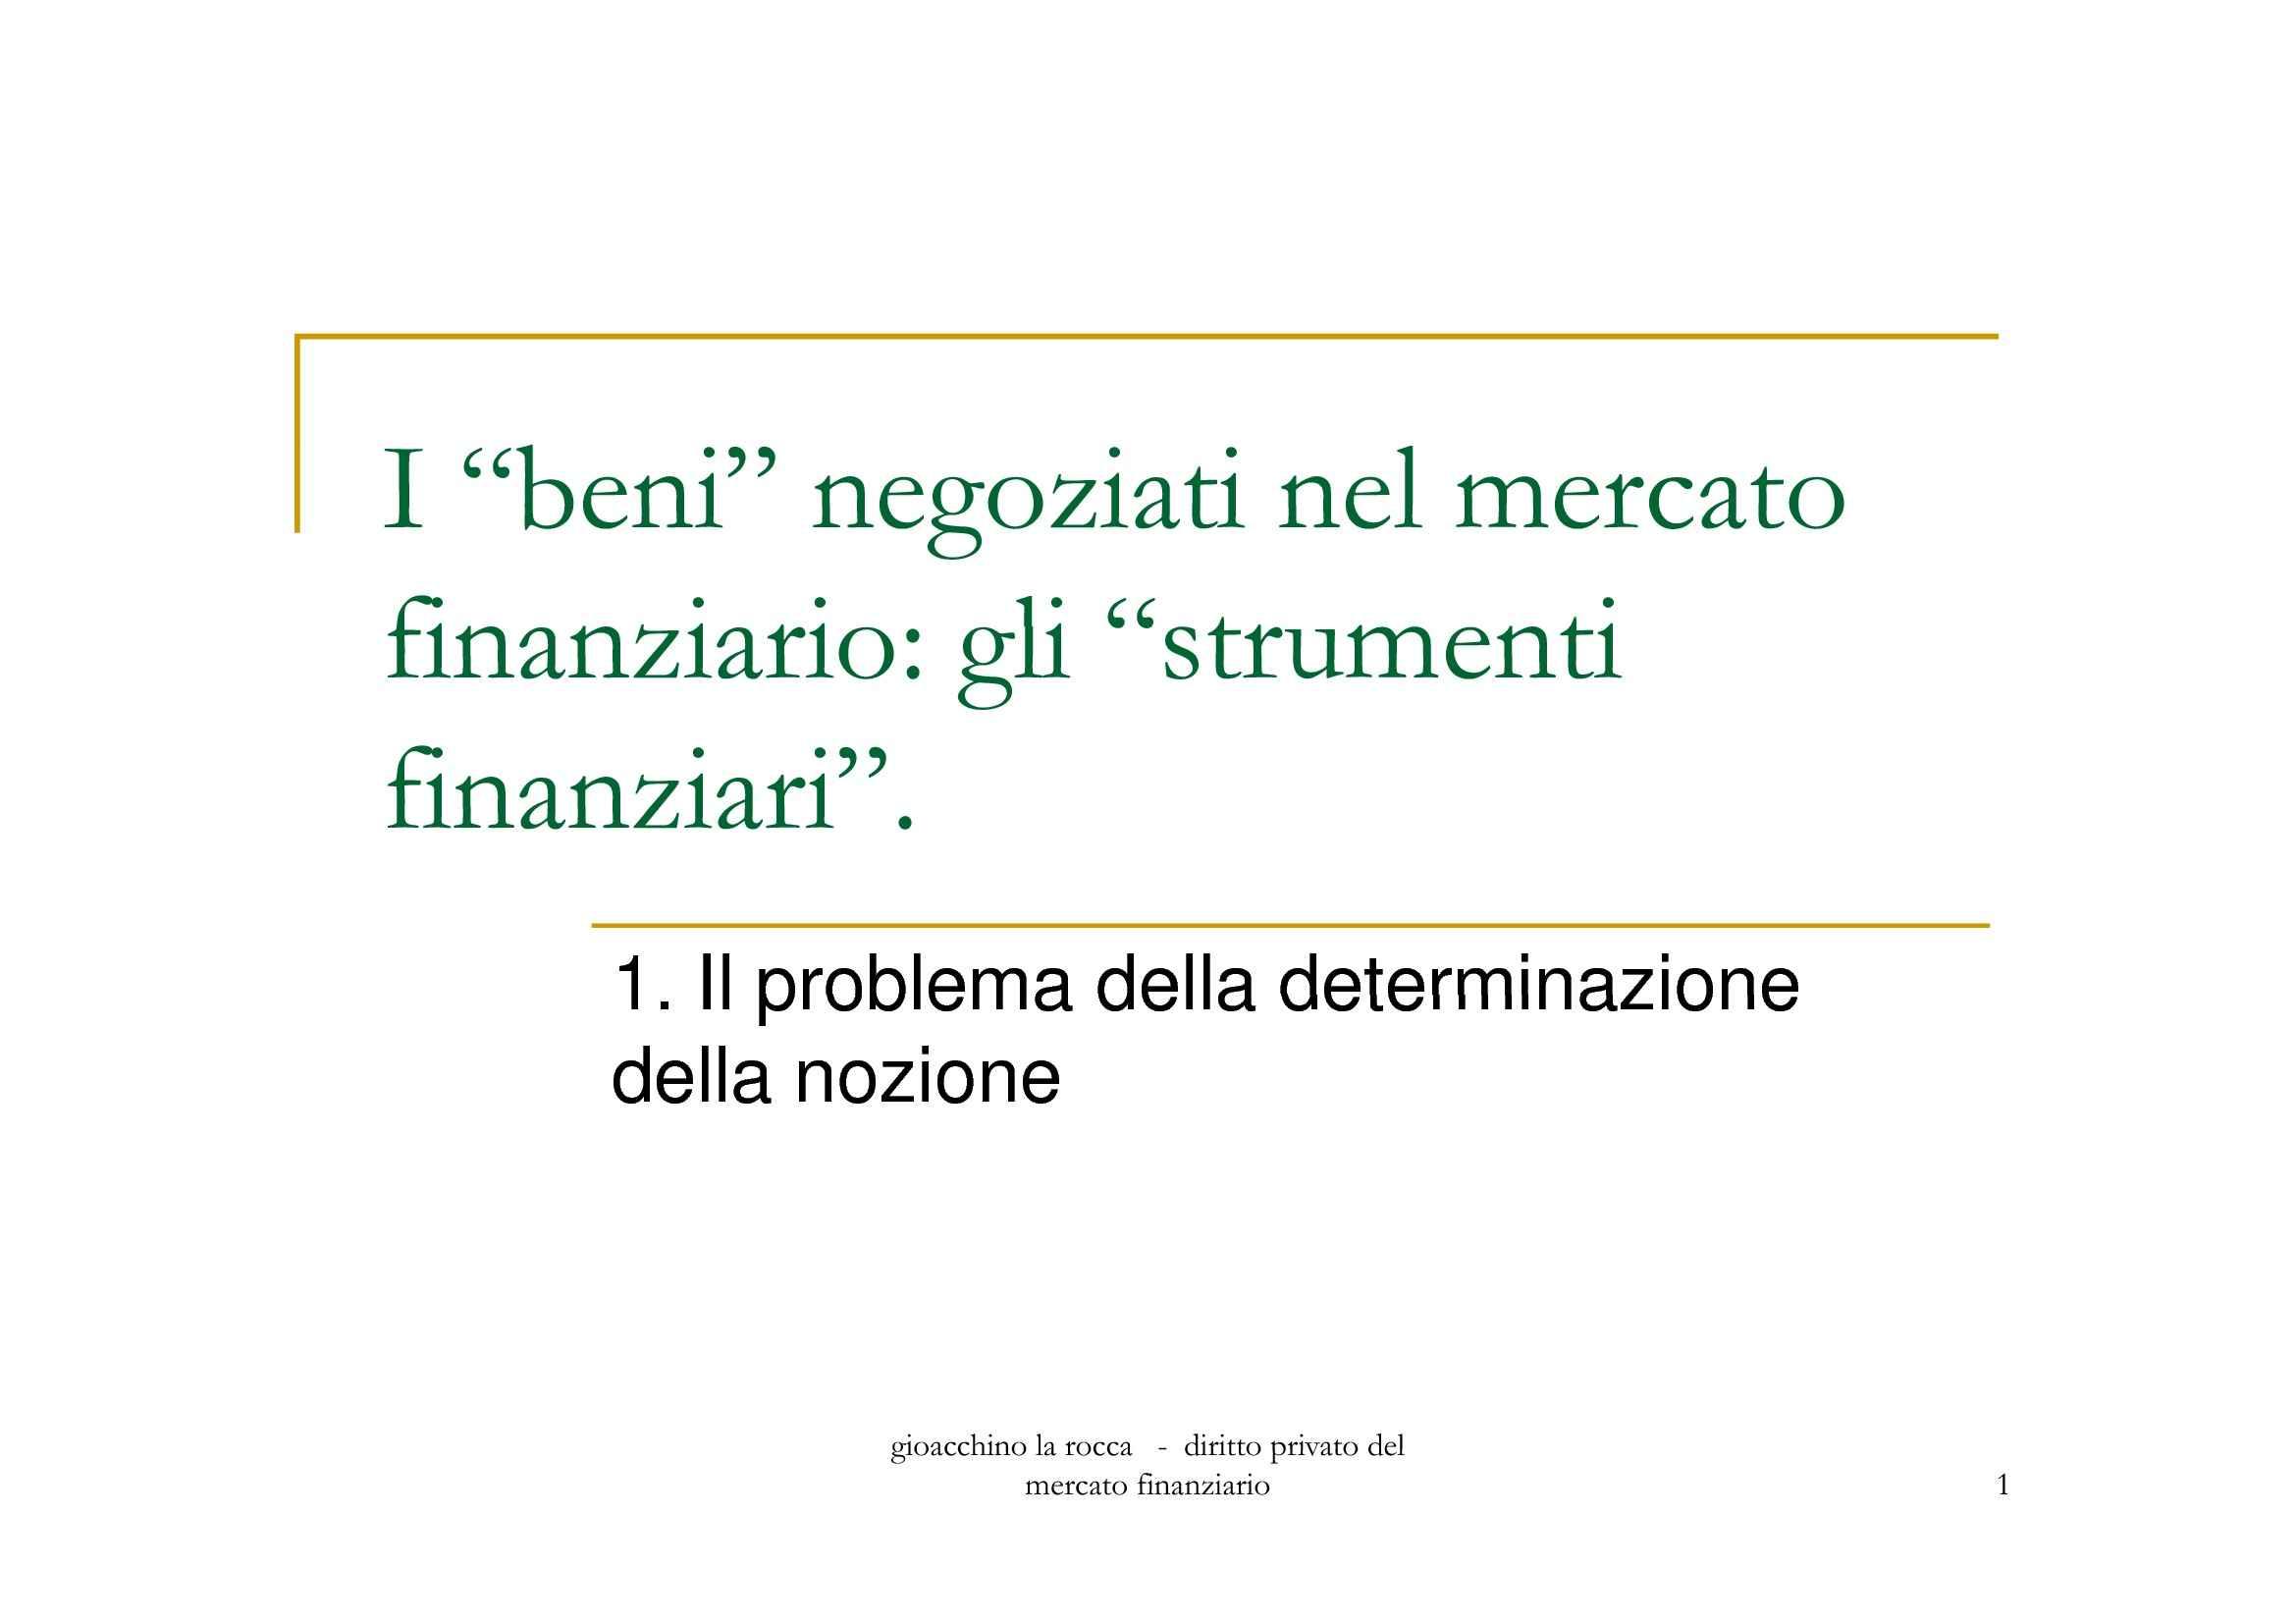 Beni negoziati nel mercato finanziario